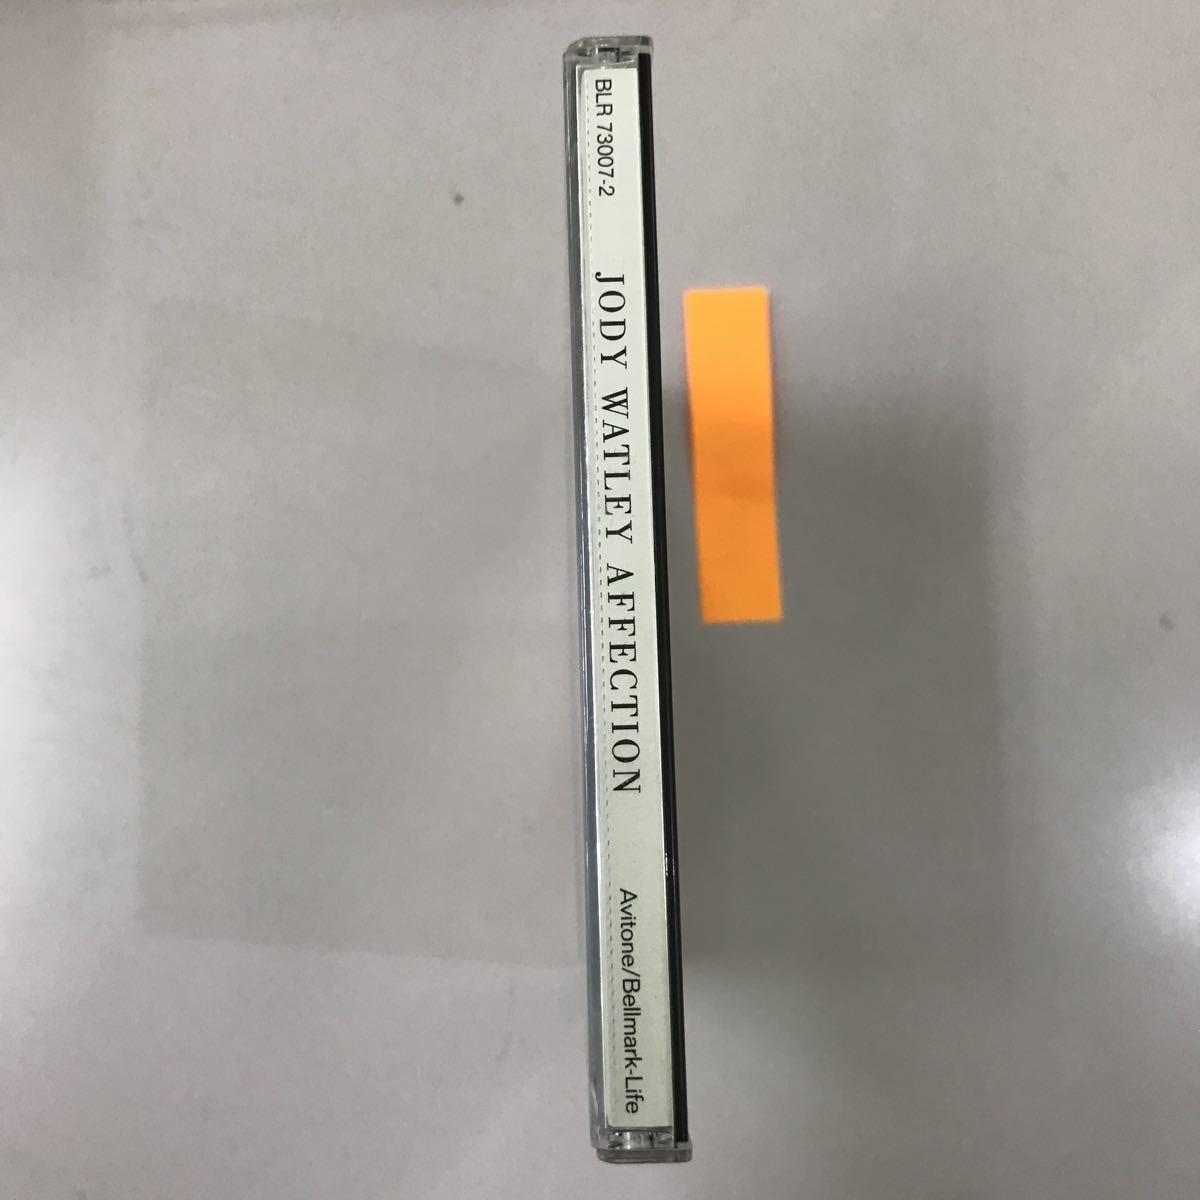 CD 中古☆【洋楽】JODY WATLEY AFFECTION